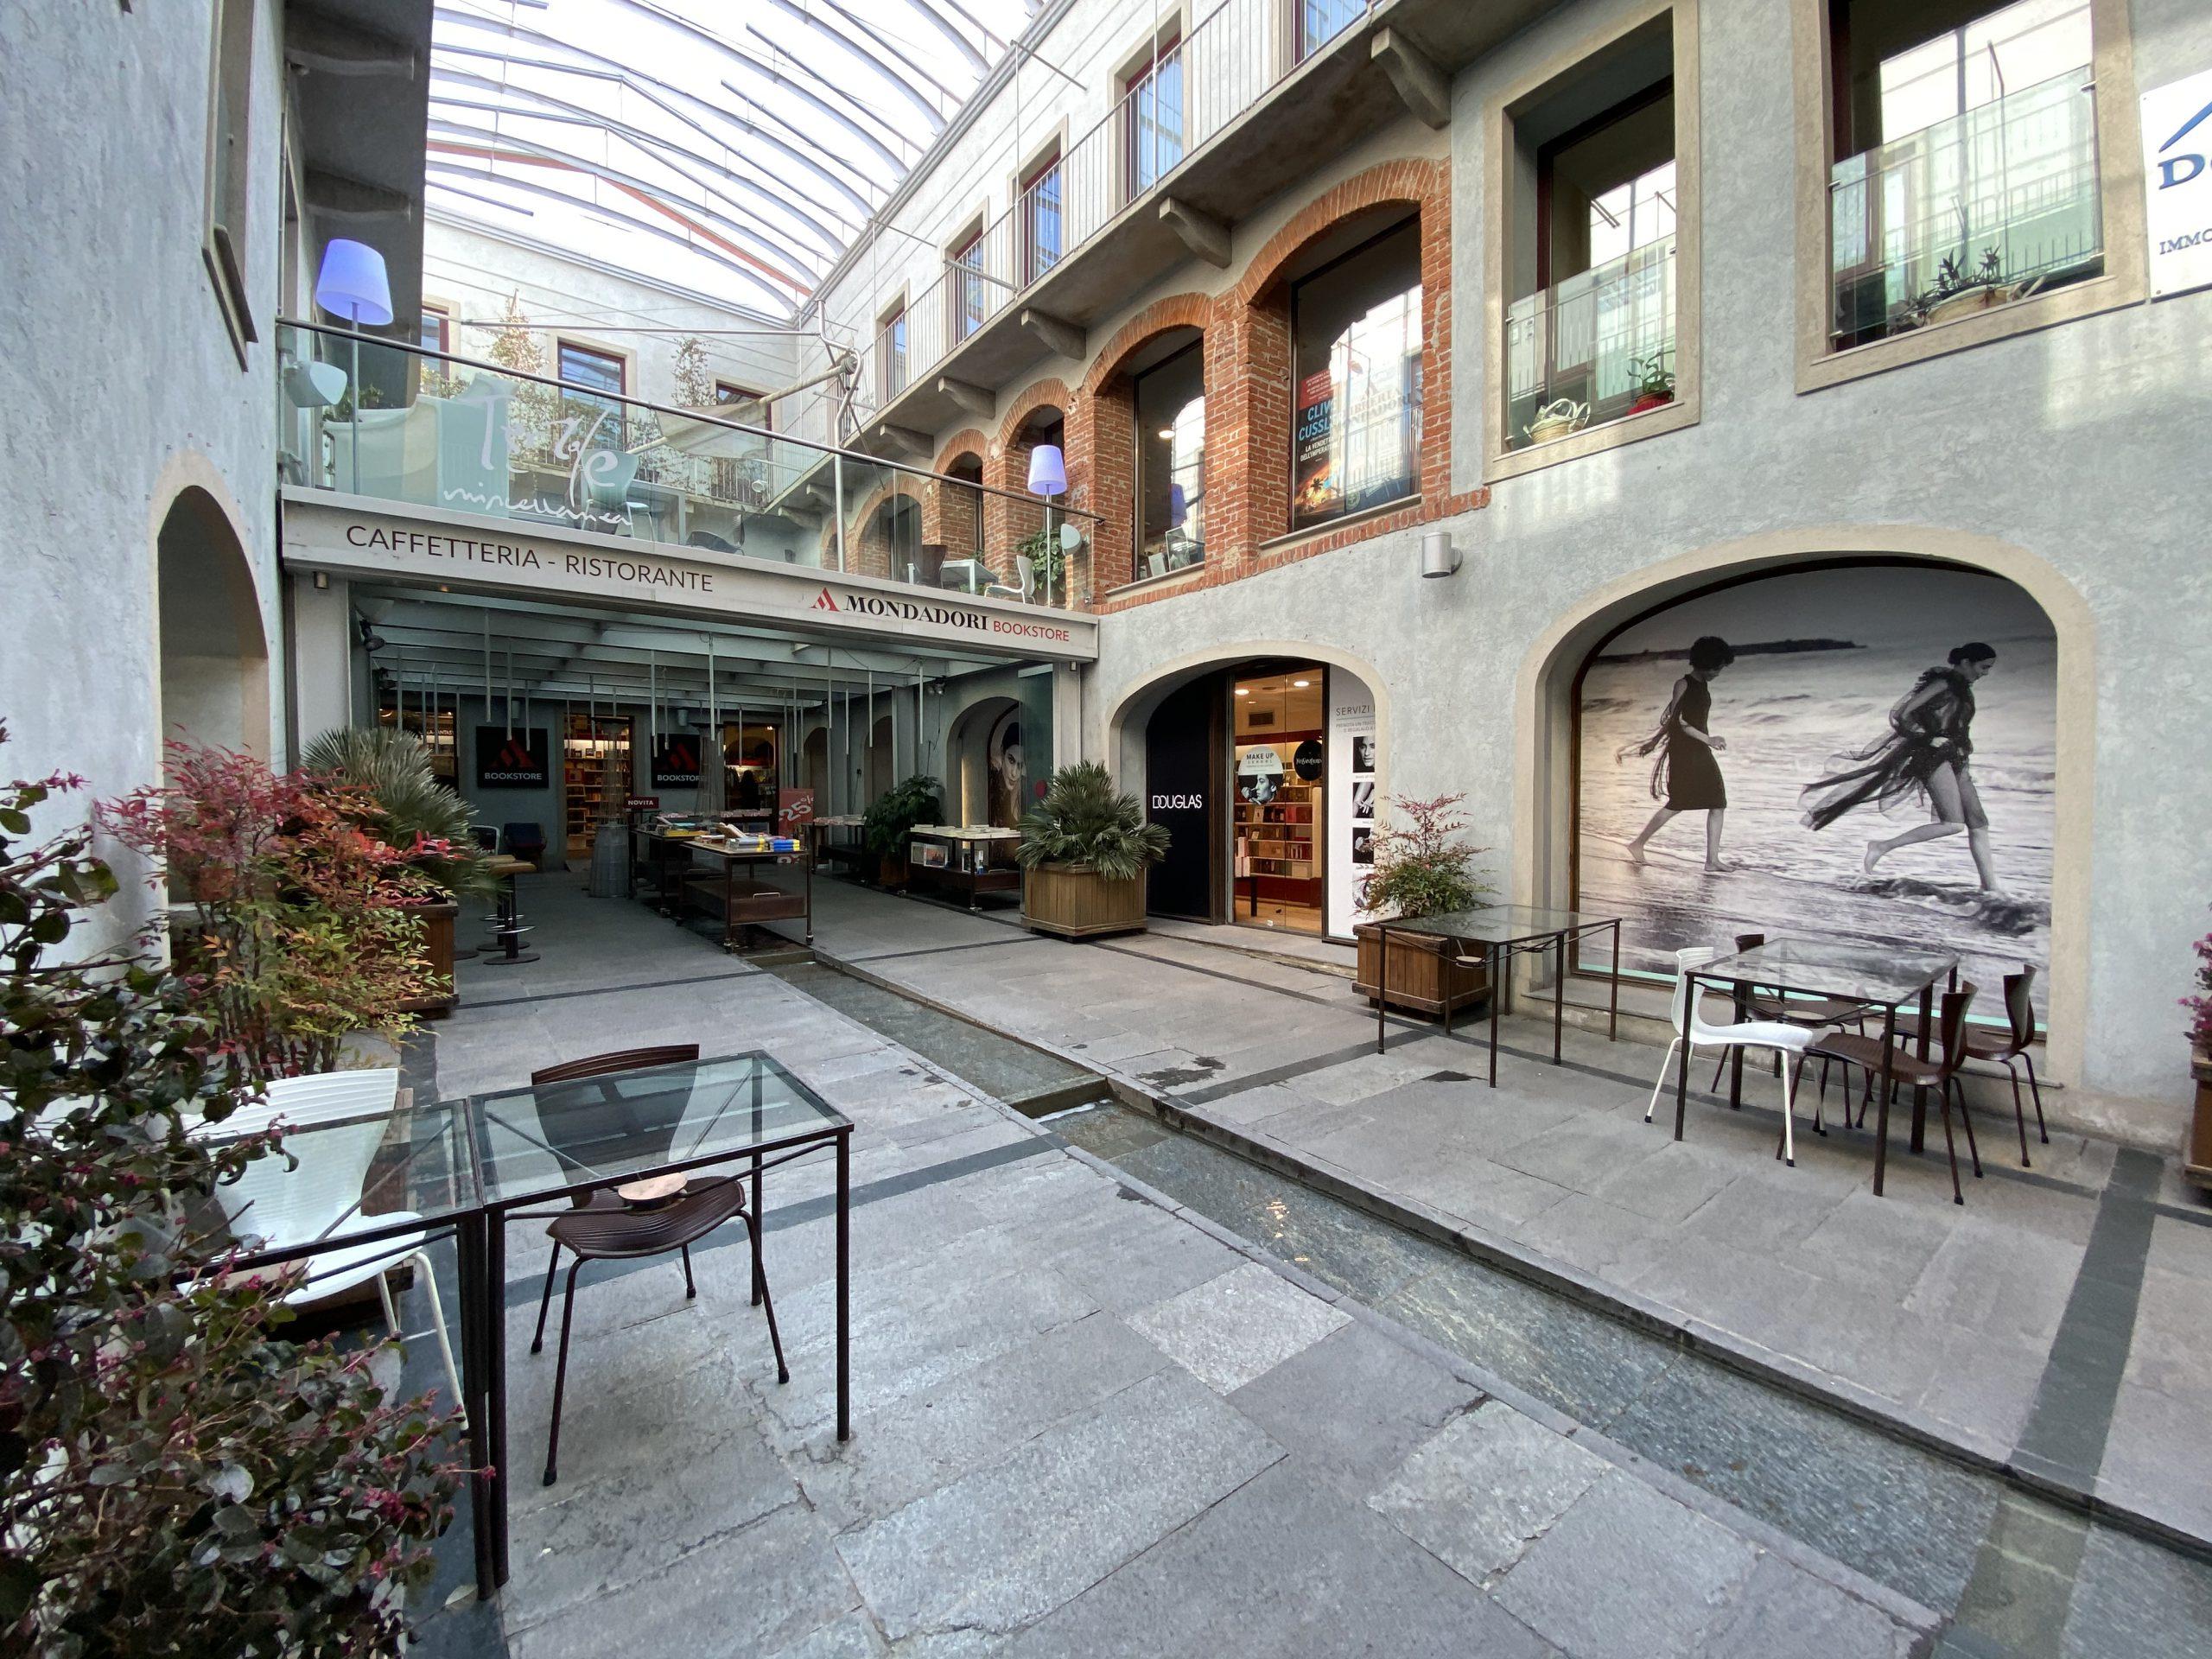 Locale commerciale nella galleria Mondadori